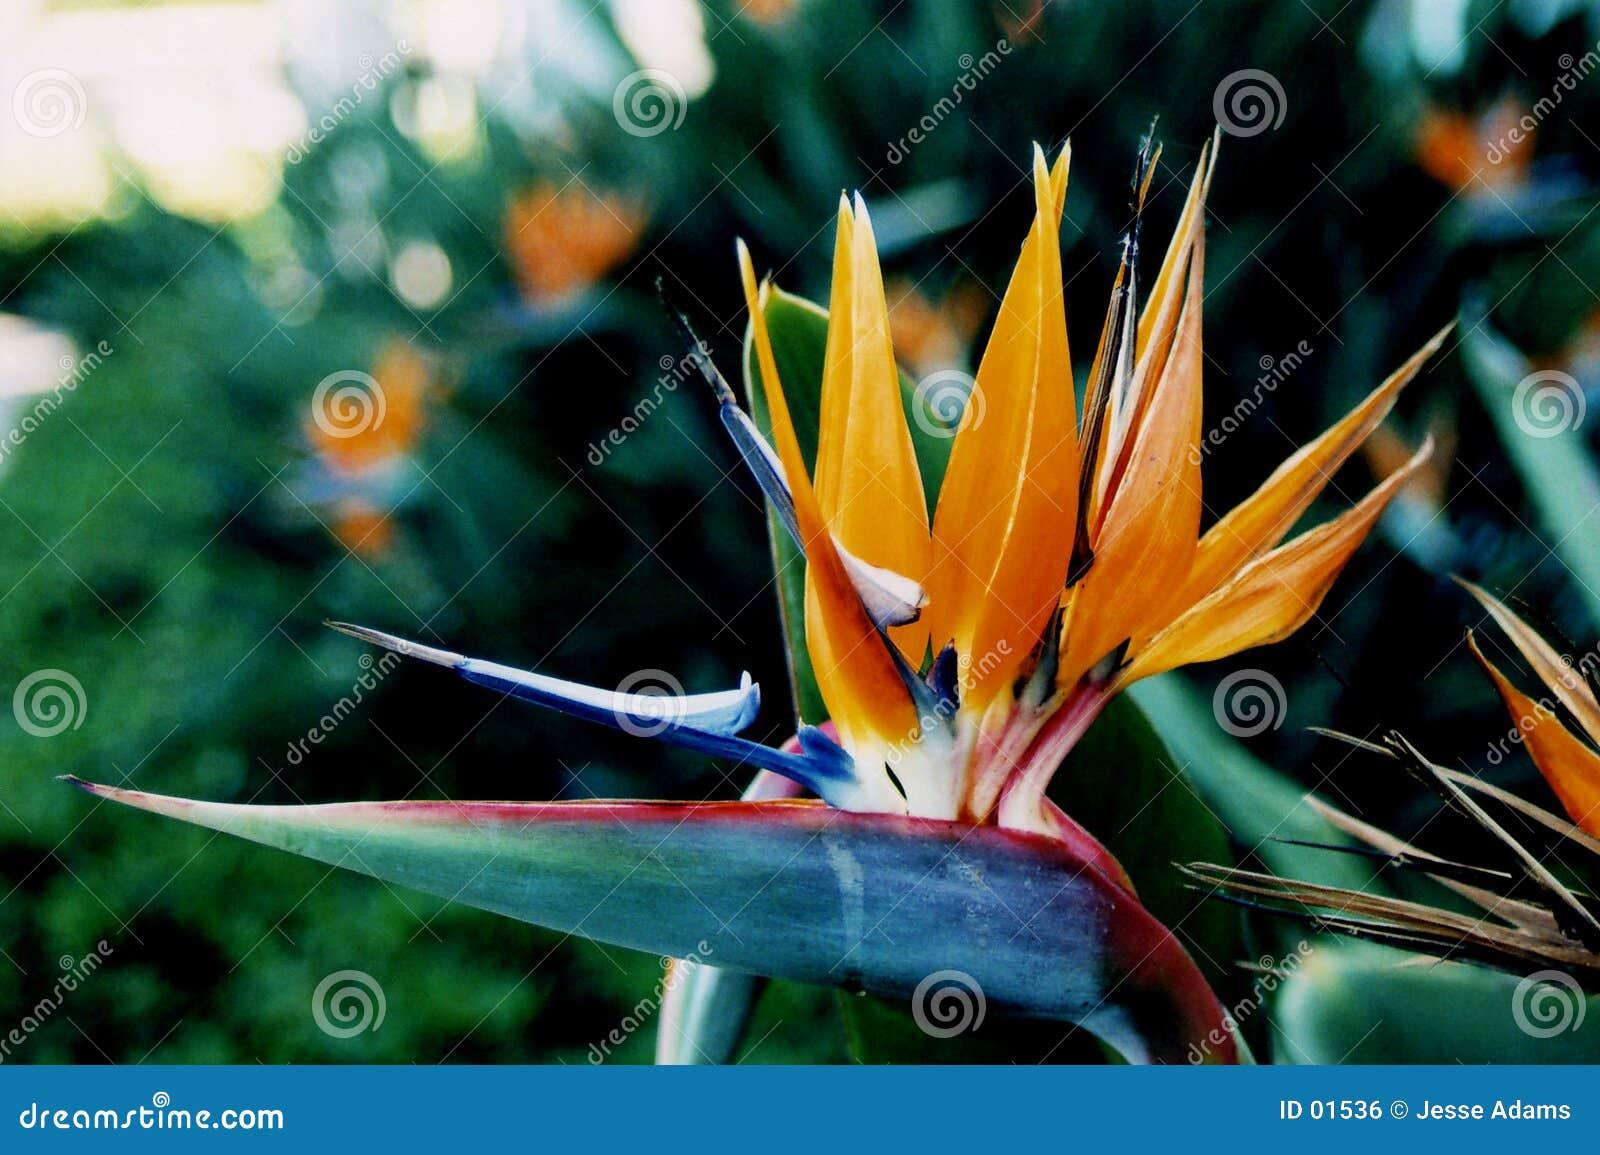 Fiore tropicale: Uccello del paradiso